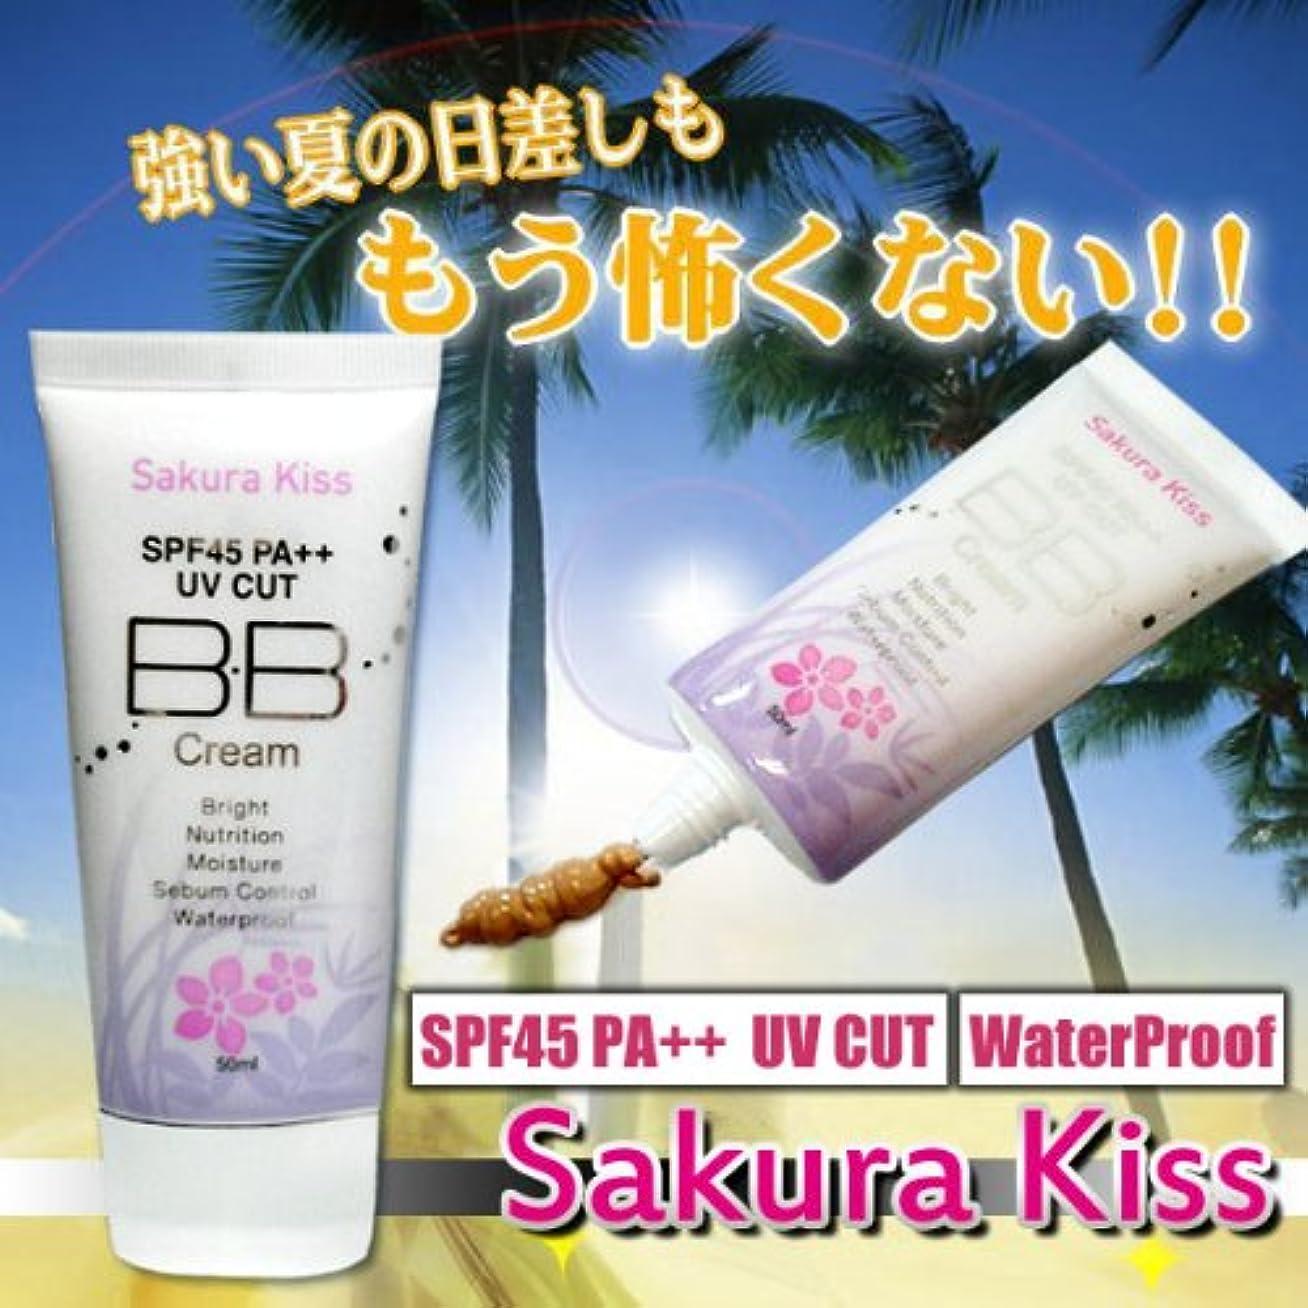 湿地ハーブ思春期Sakura Kiss BBクリーム UVプロテクト SPF45PA++ 50ml